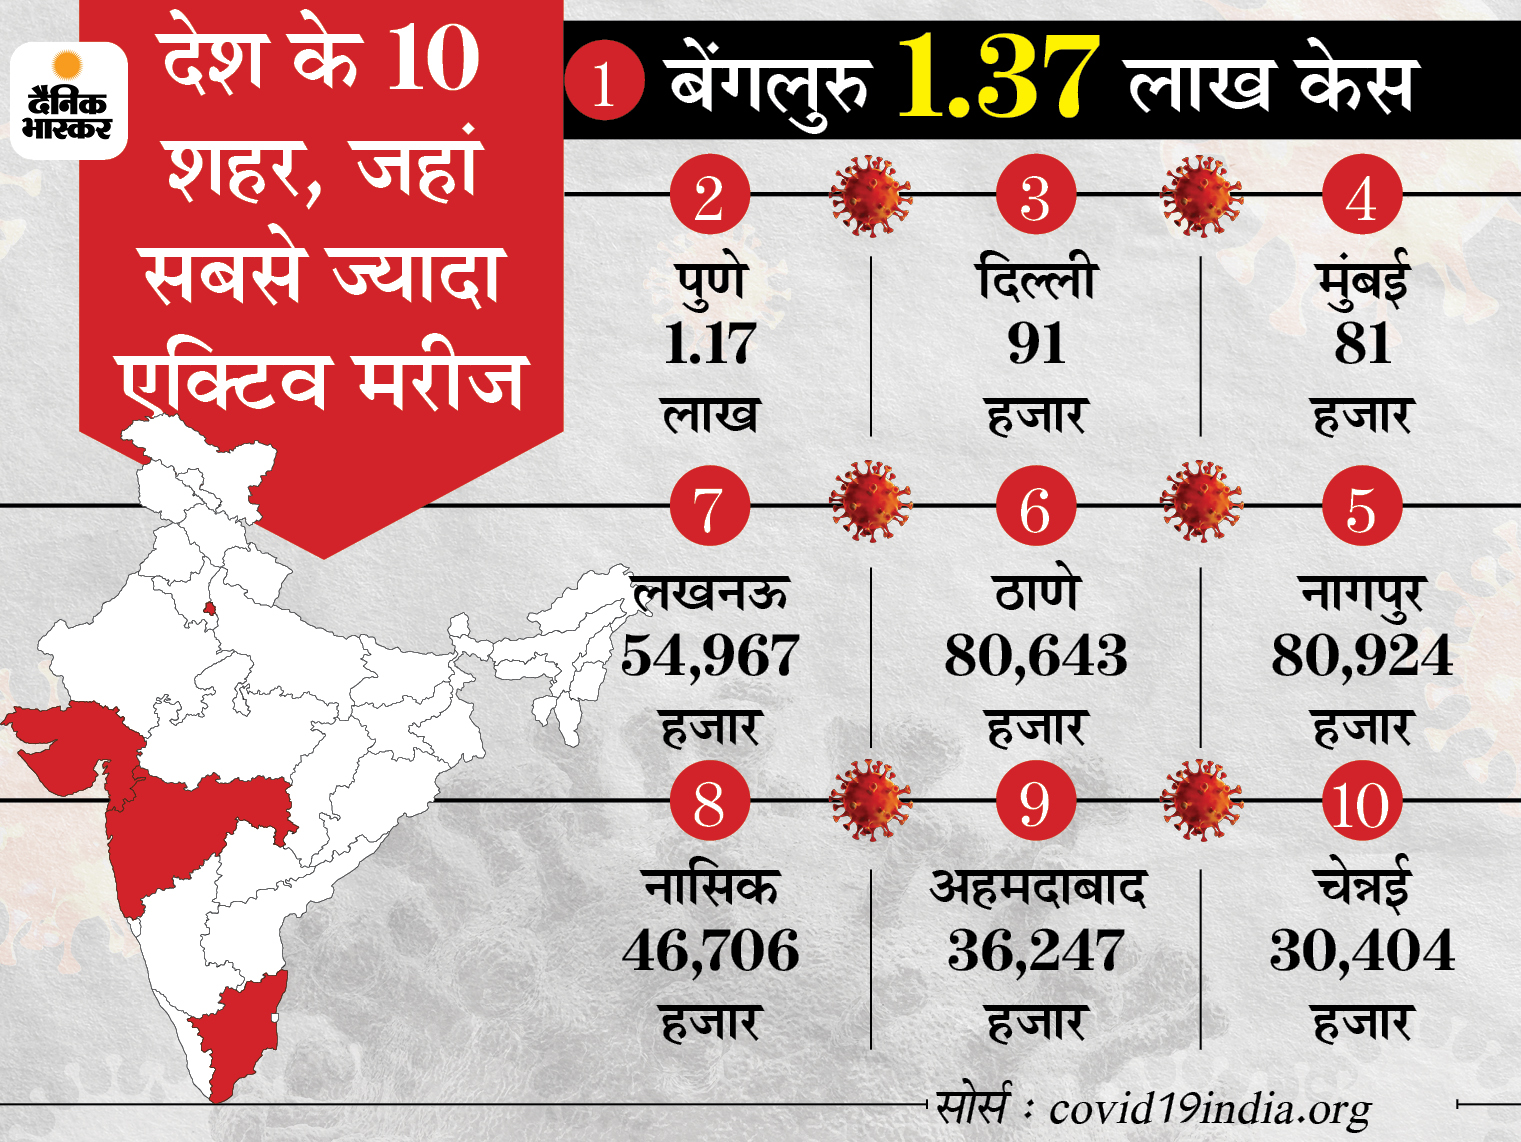 बीते 24 घंटे में रिकॉर्ड 3.45 लाखनए मरीज मिले, 2620 लोगों की मौत; पहली बार 2.20 लाख से ज्यादा ठीक भी हुए देश,National - Dainik Bhaskar